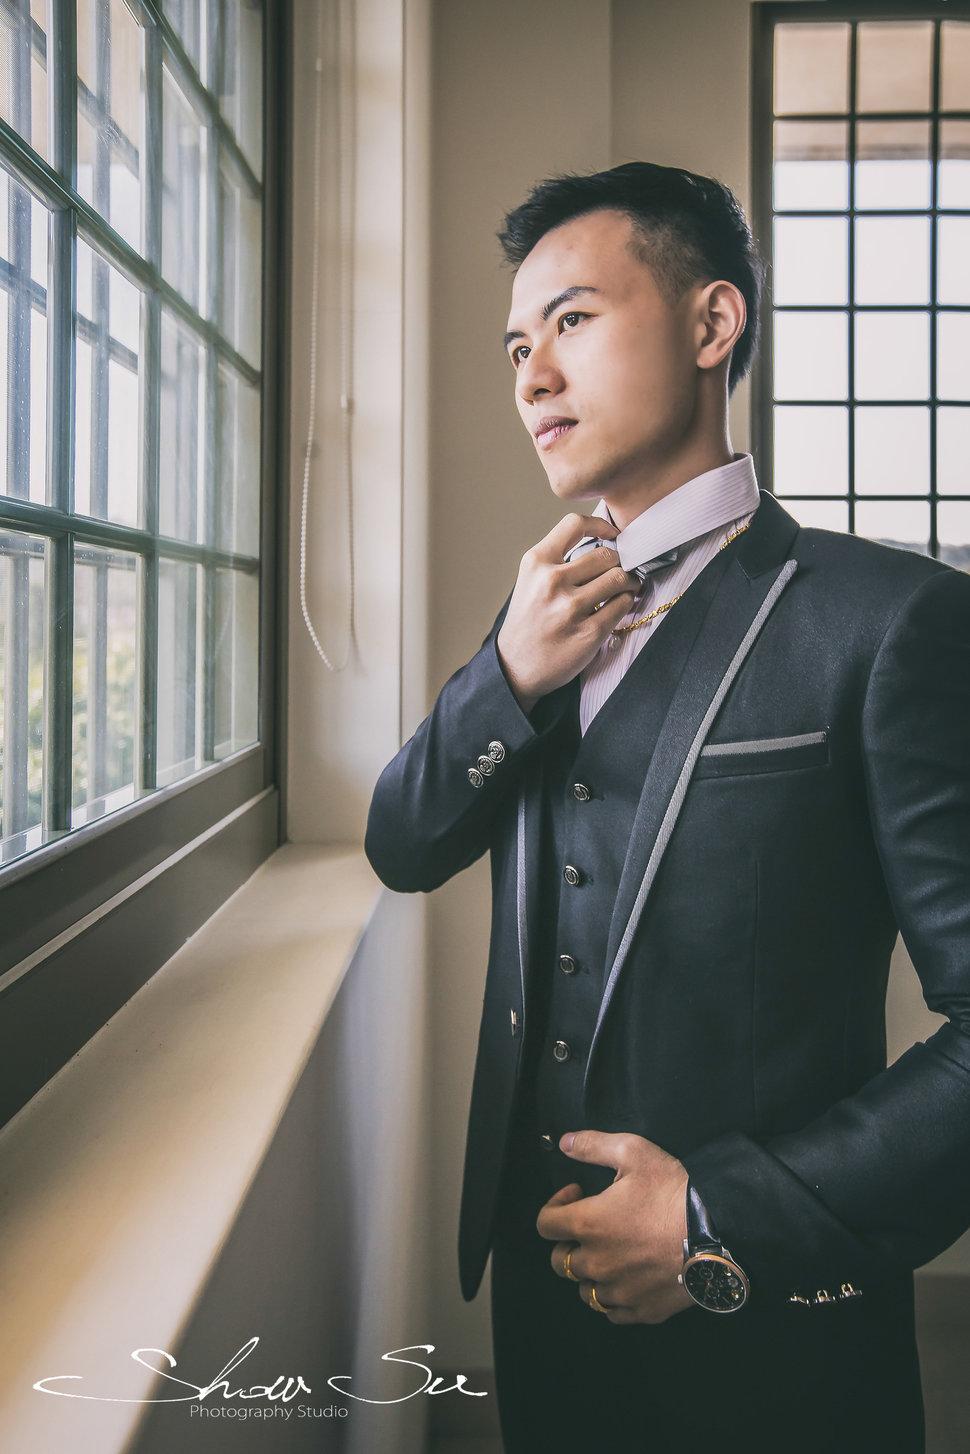 [婚攝] 志榮&語涵│桃園@儷宴國際宴會館│文定午宴(編號:513858) - Show Su Photography - 結婚吧